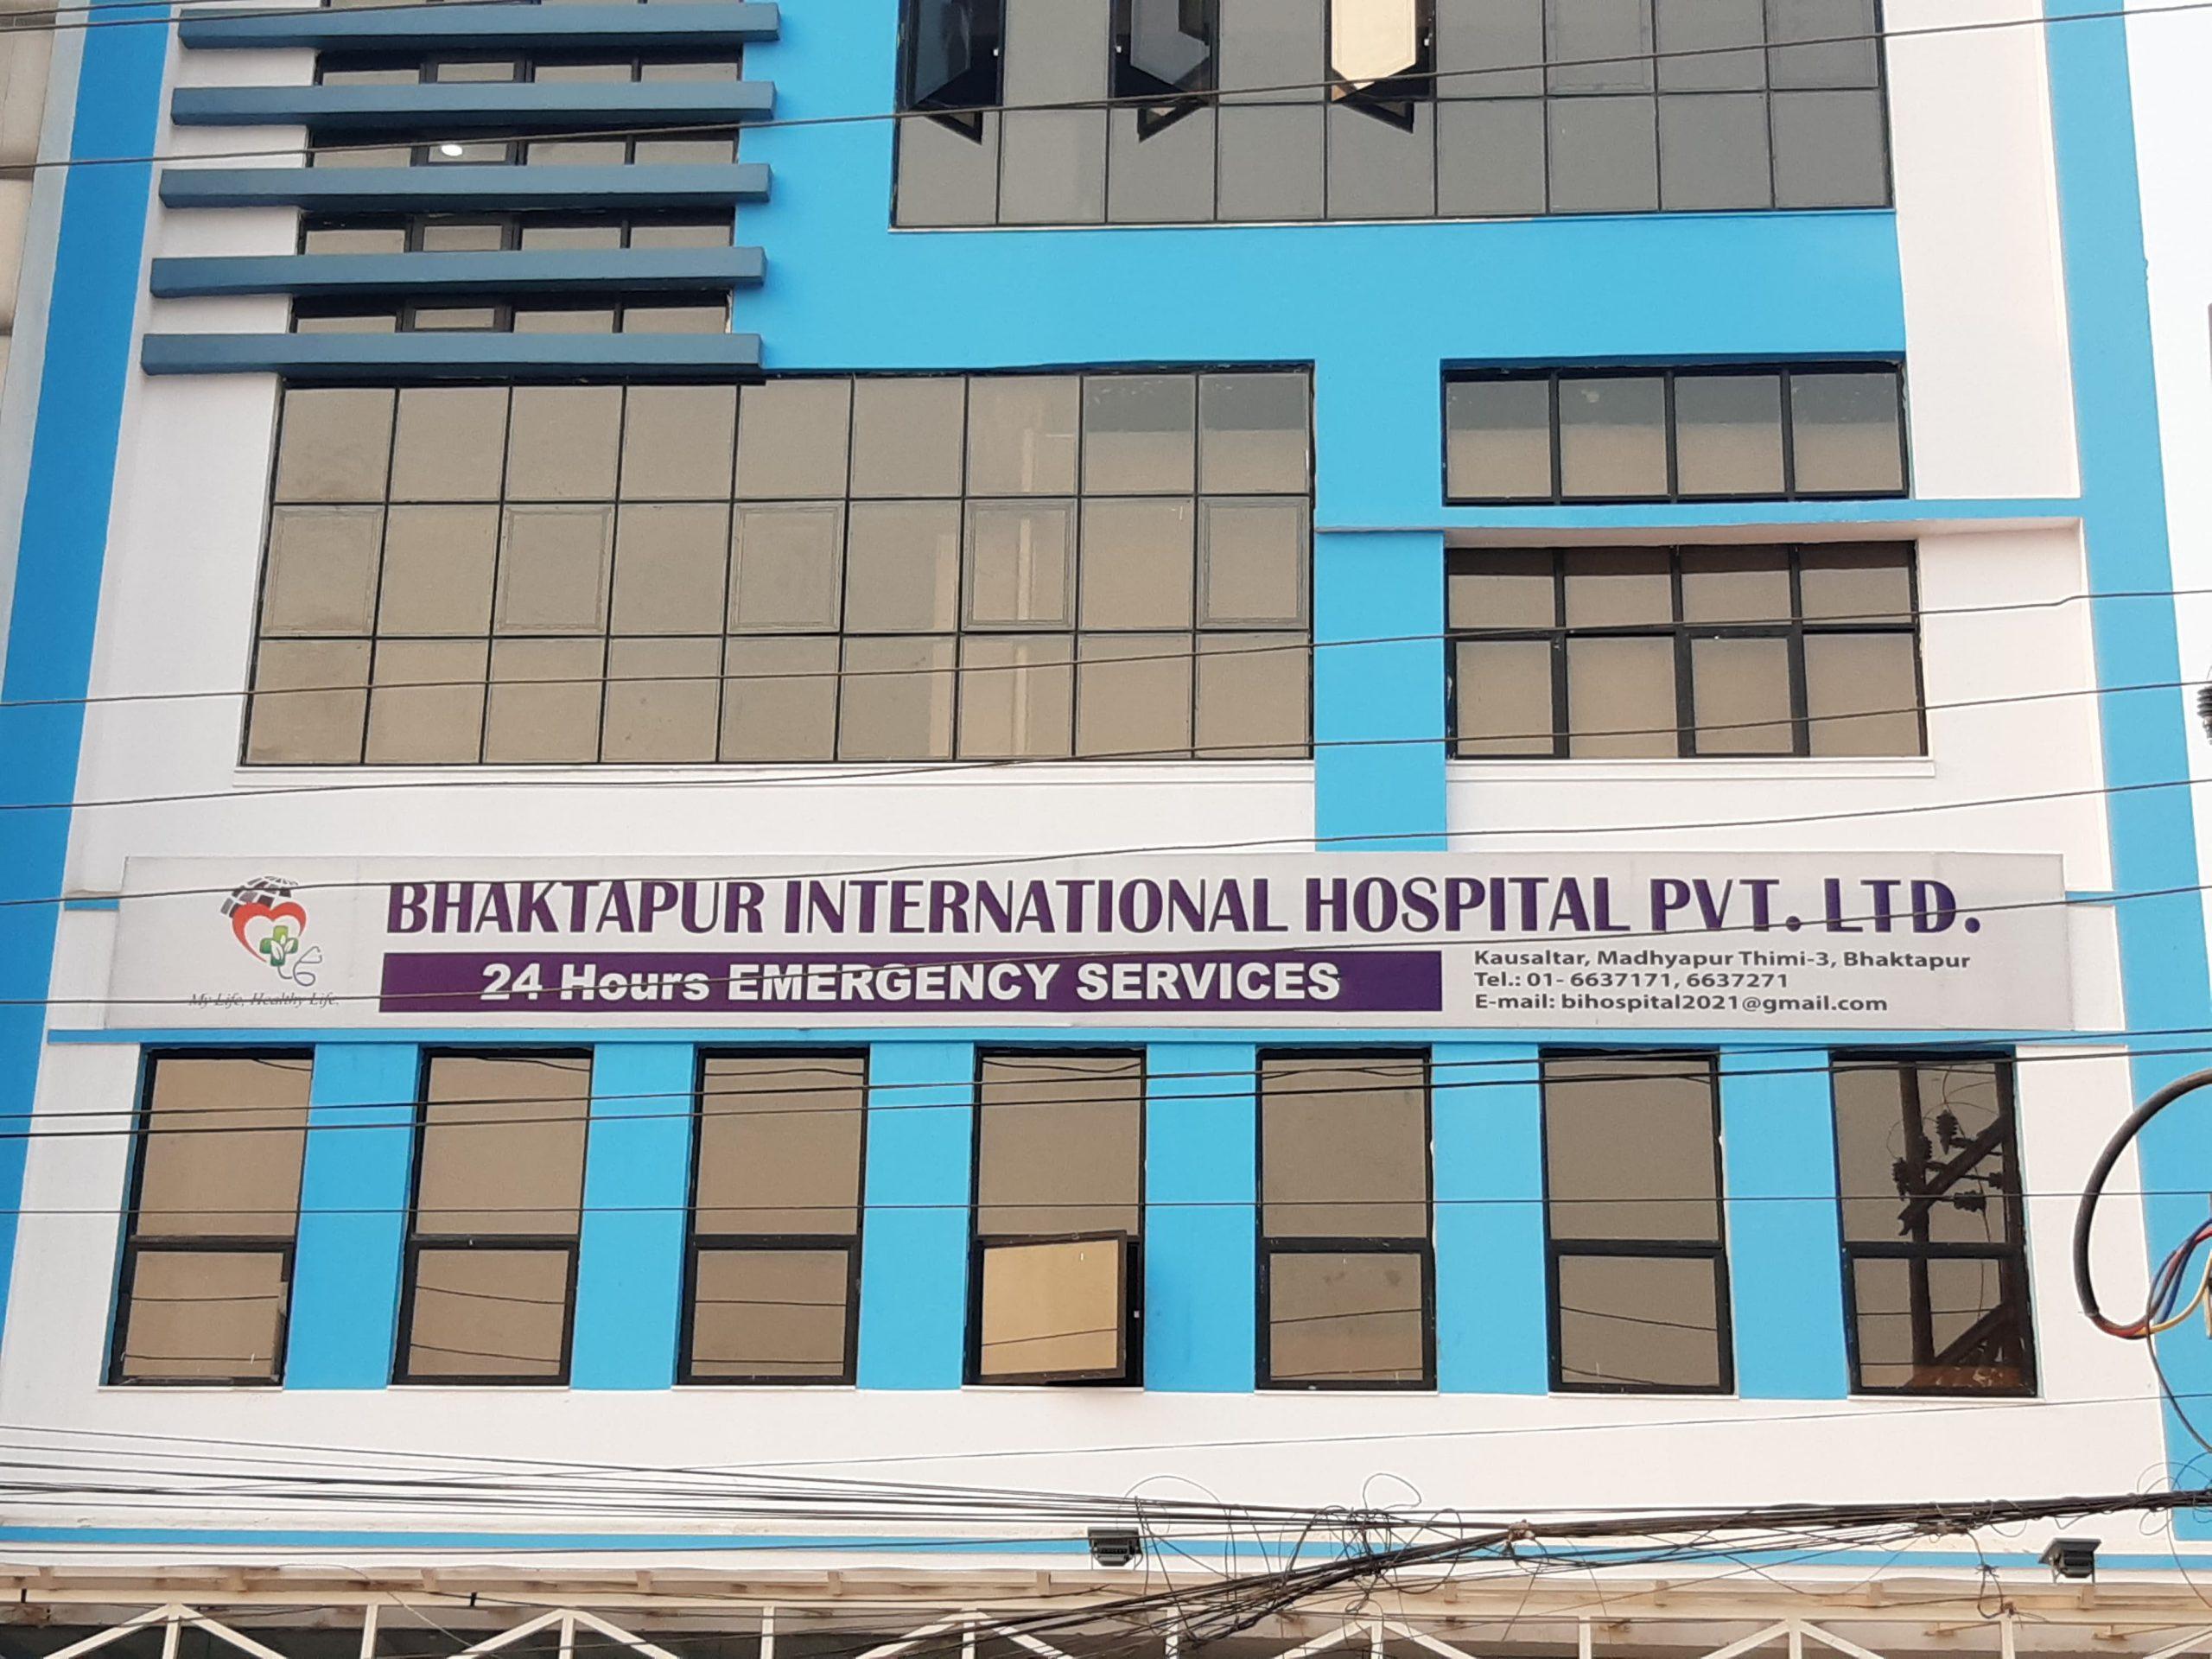 भक्तपुर इन्टरनेसनल अस्पताललाई कारवाही गर्ने प्रशासनको तयारी